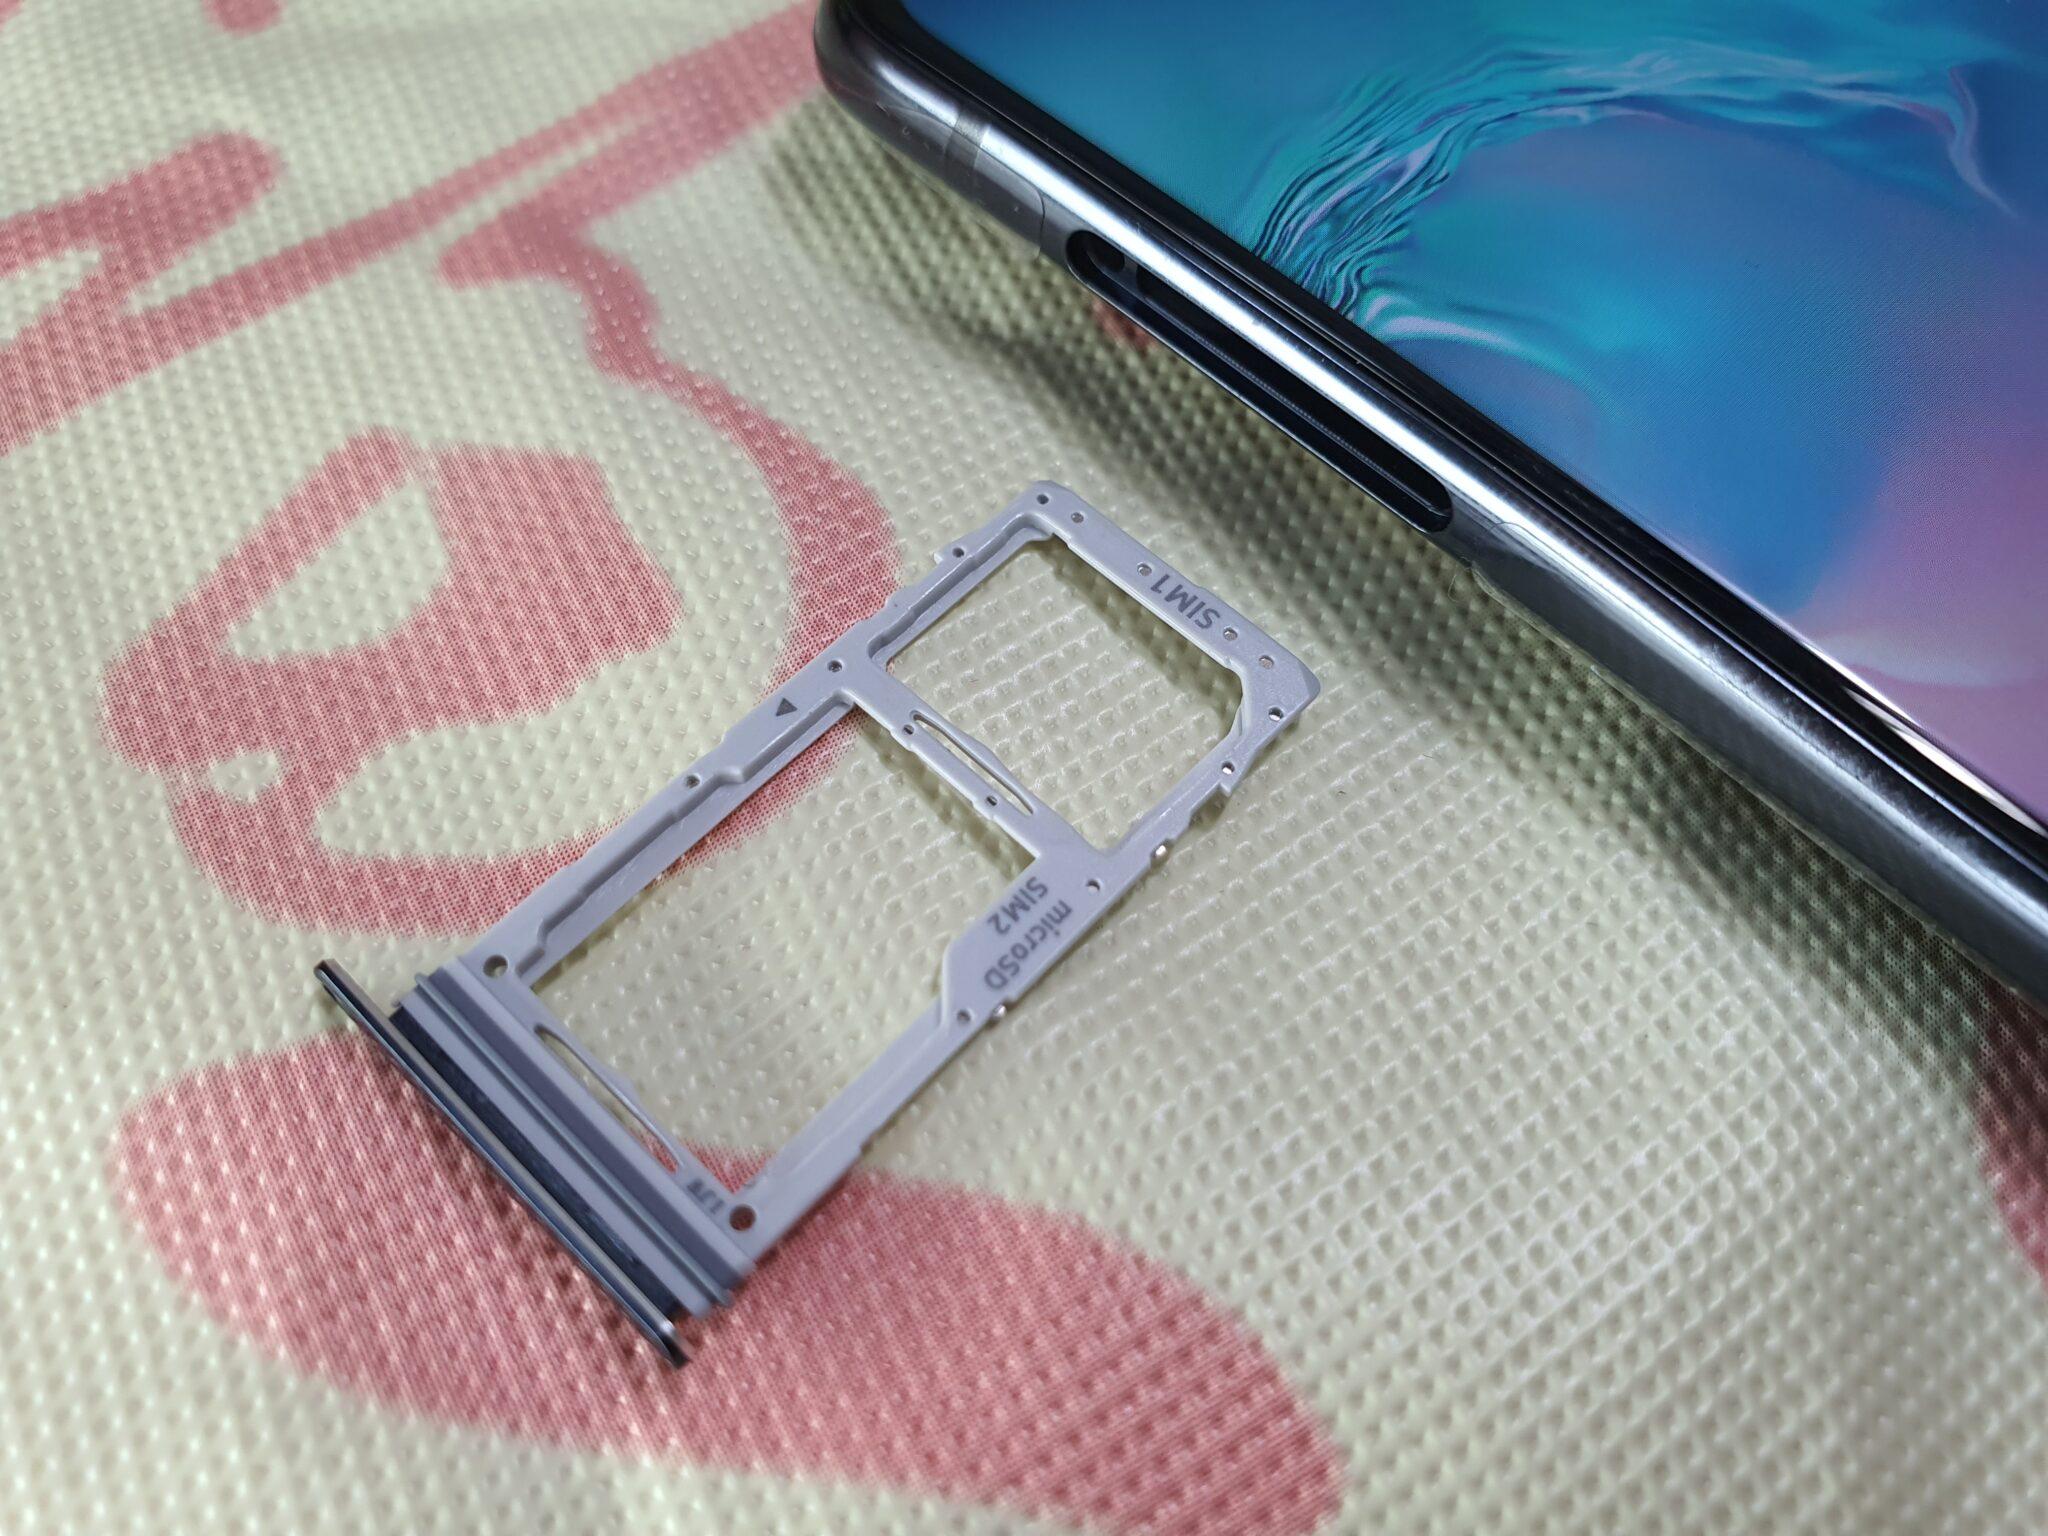 Galaxy S10 Lite SIM card